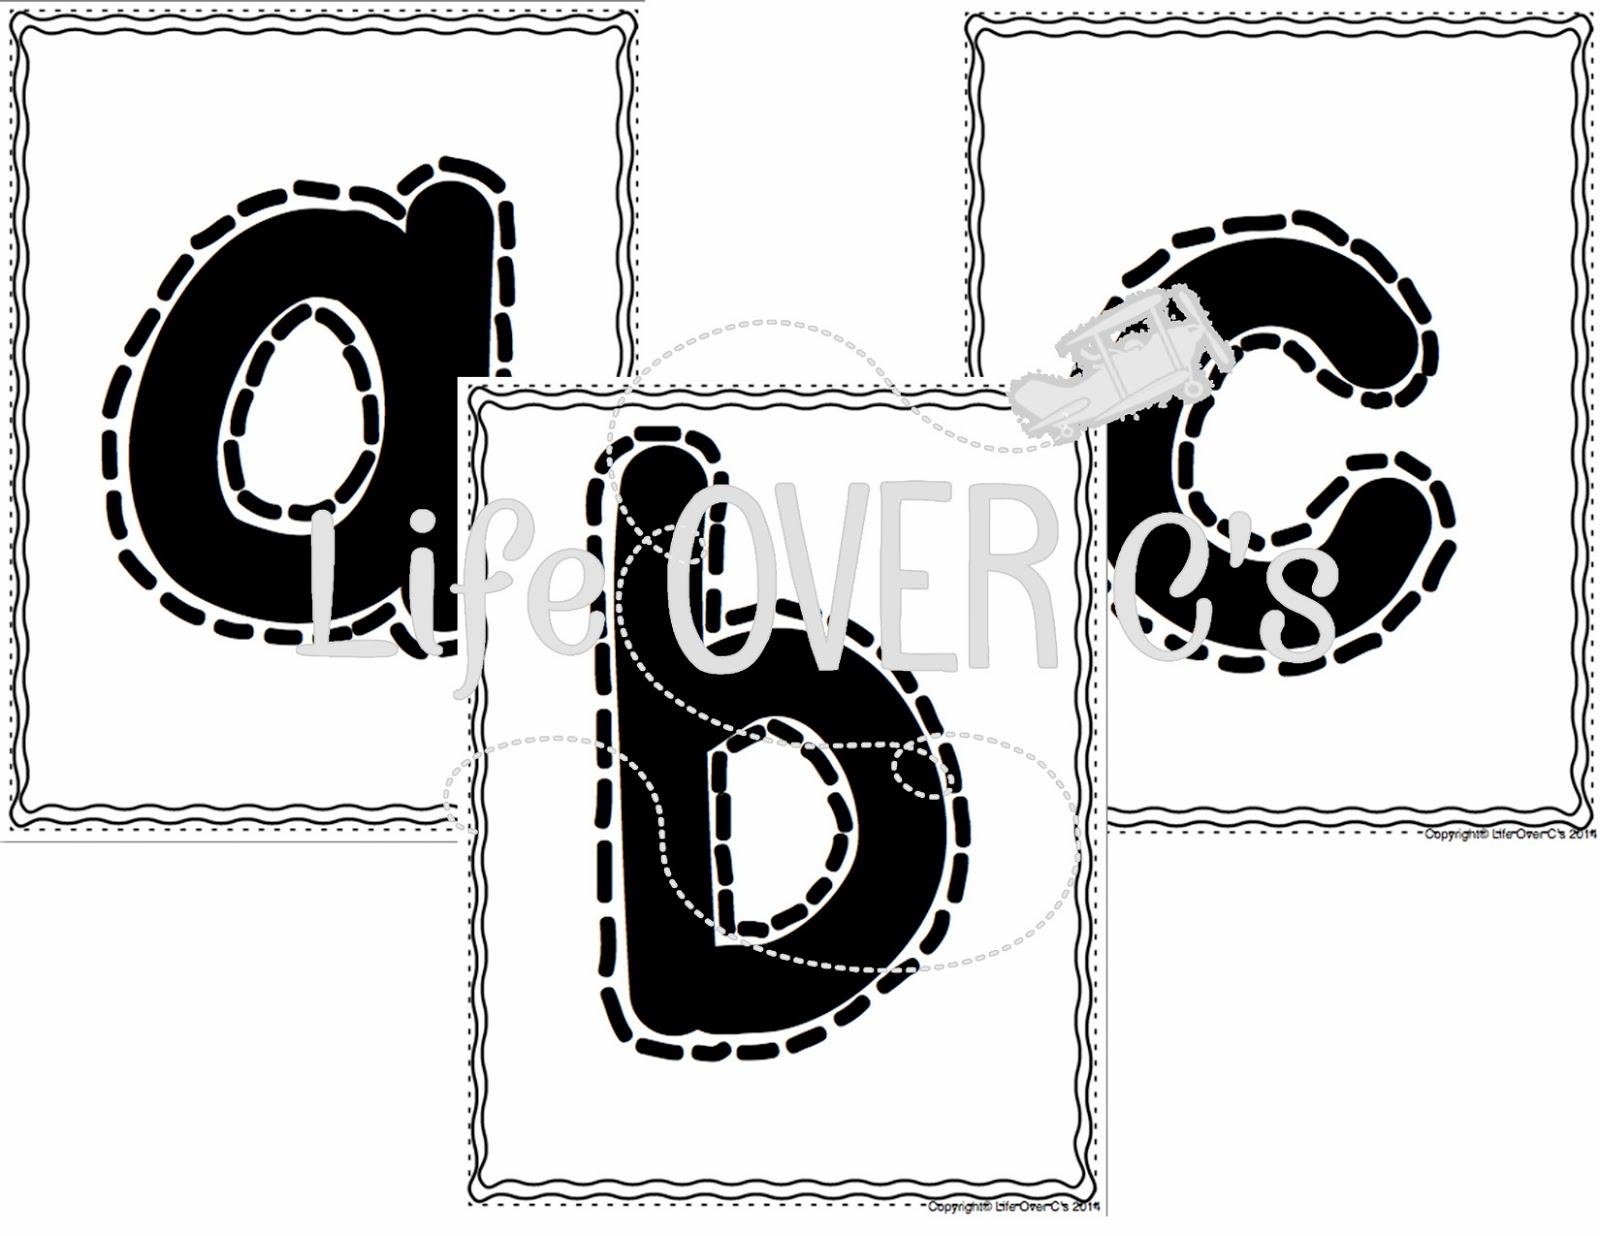 http://2.bp.blogspot.com/-wKWOn9H0RLM/Uw3beY0i6UI/AAAAAAAAAWU/m_dRud46Osg/s1600/alphabetlines2.jpg